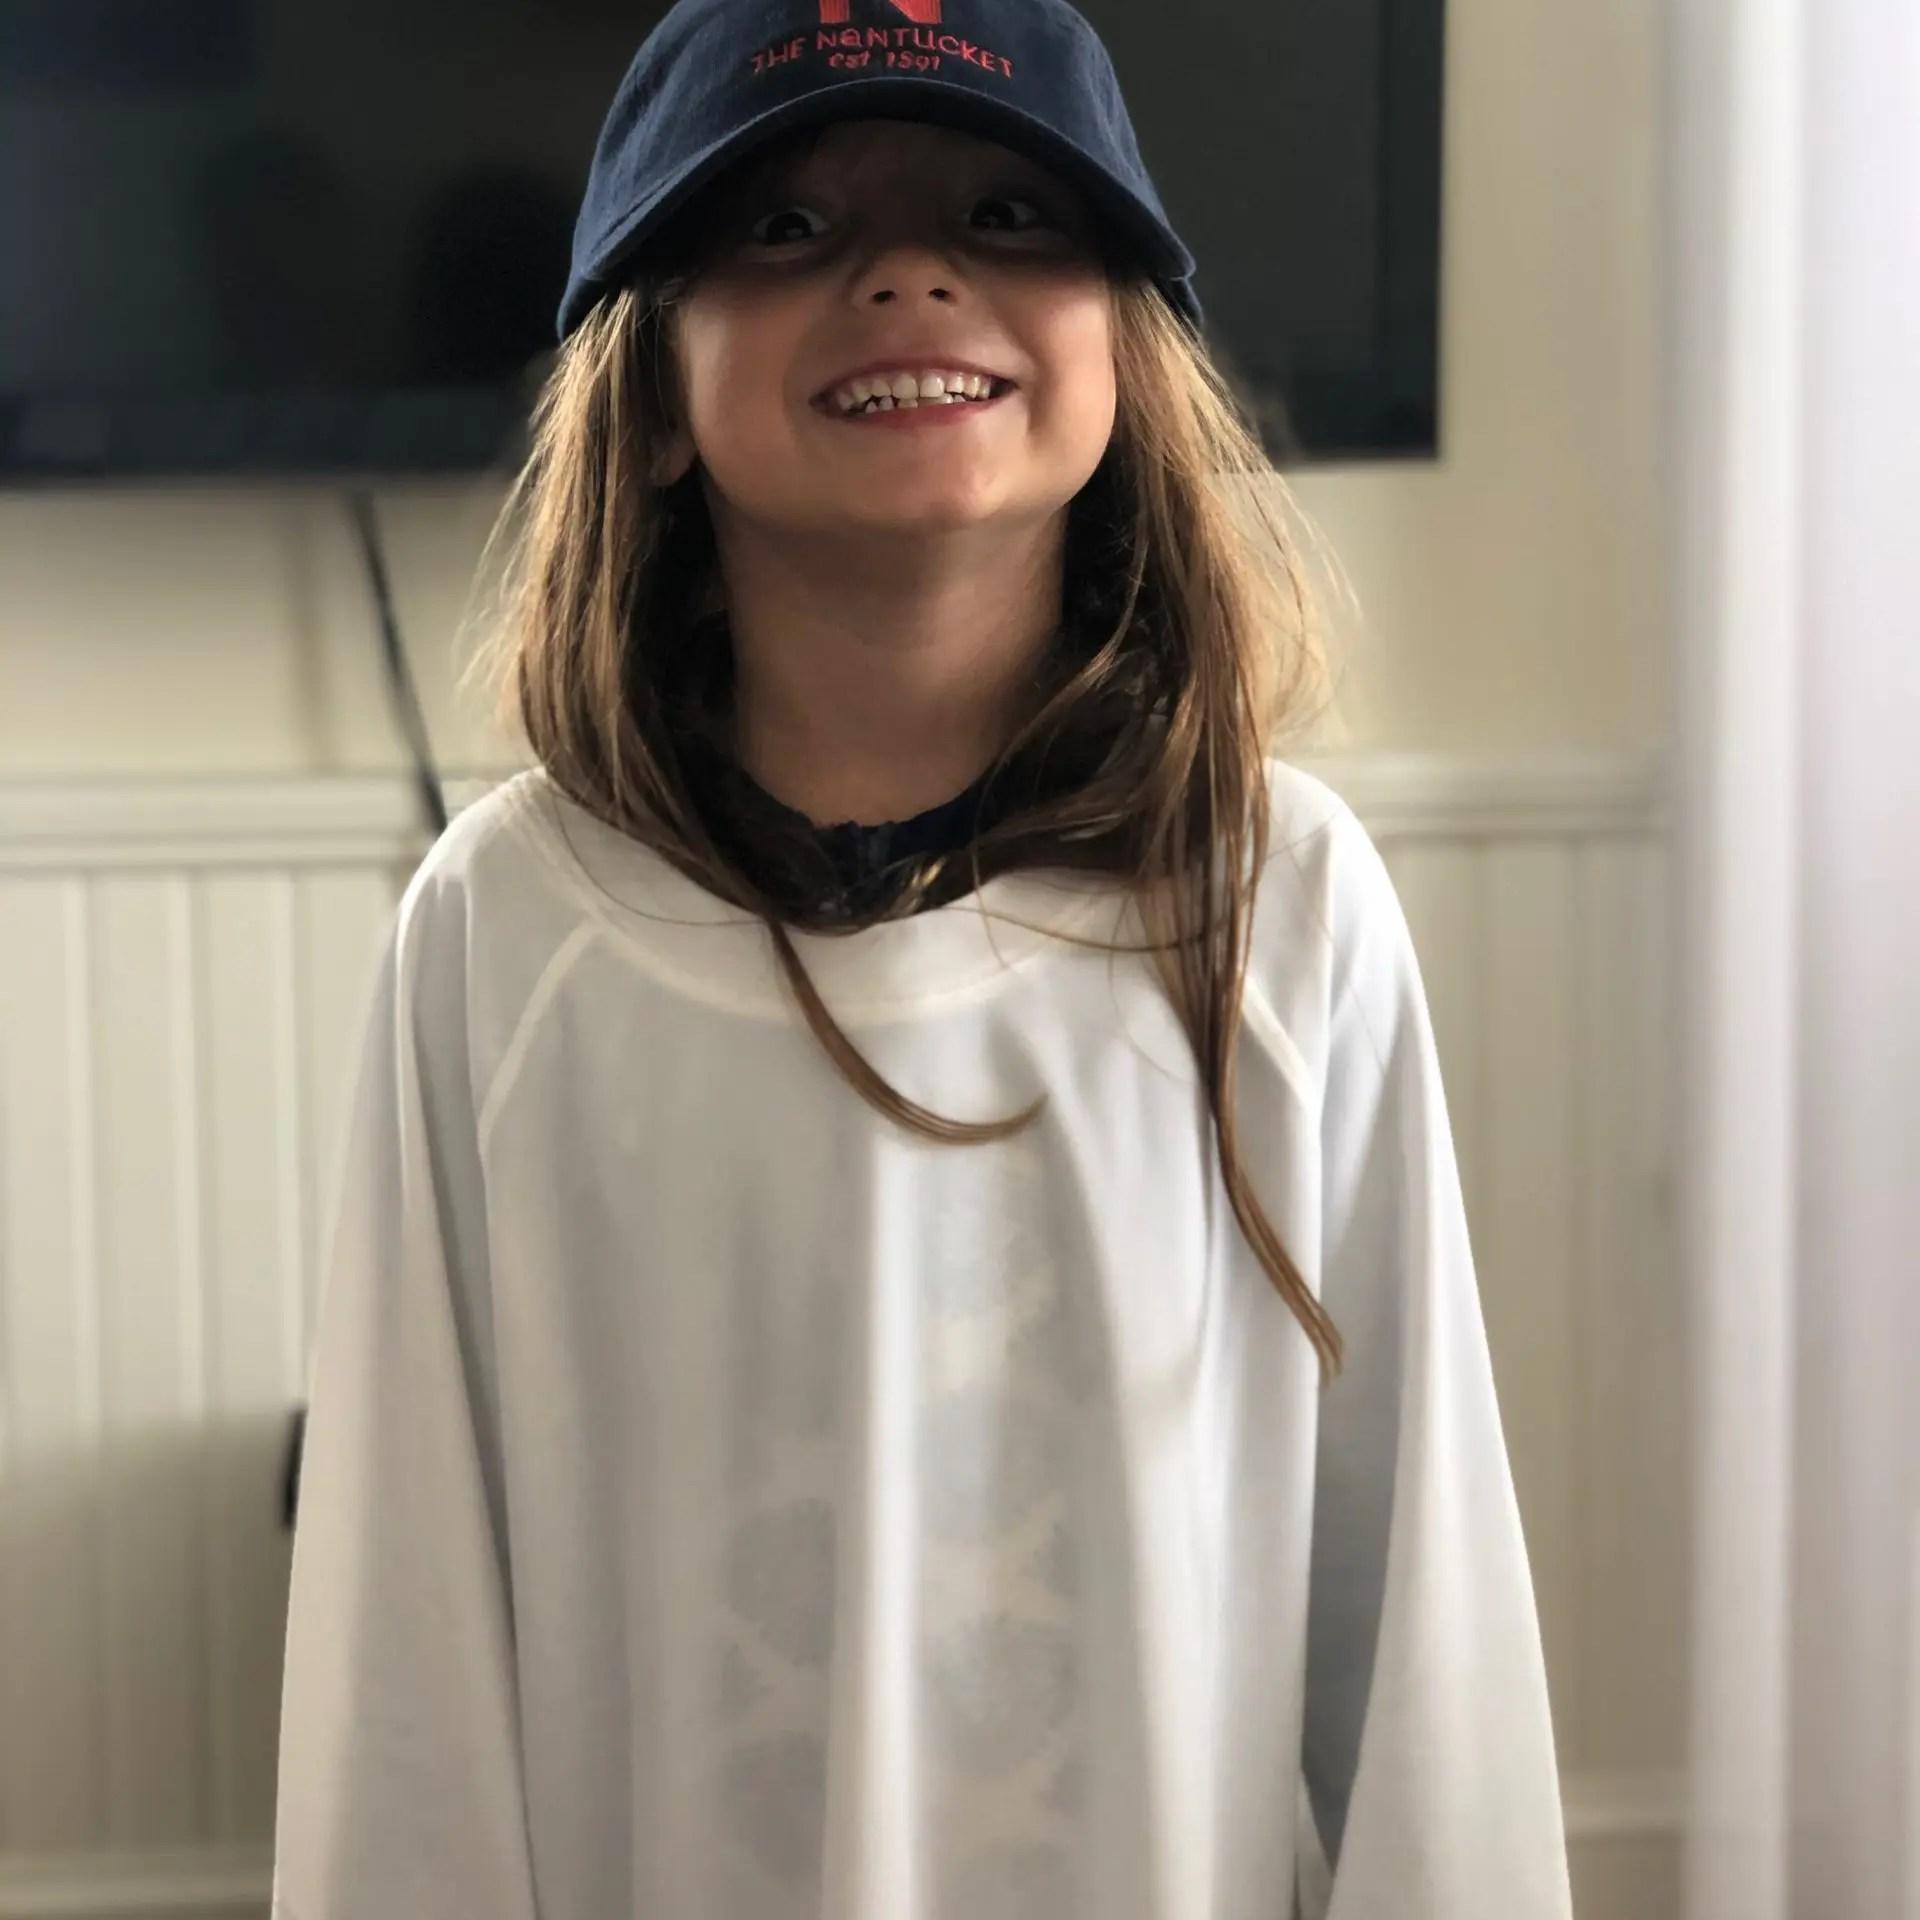 little girl wearing The Nantucket Hotel hat